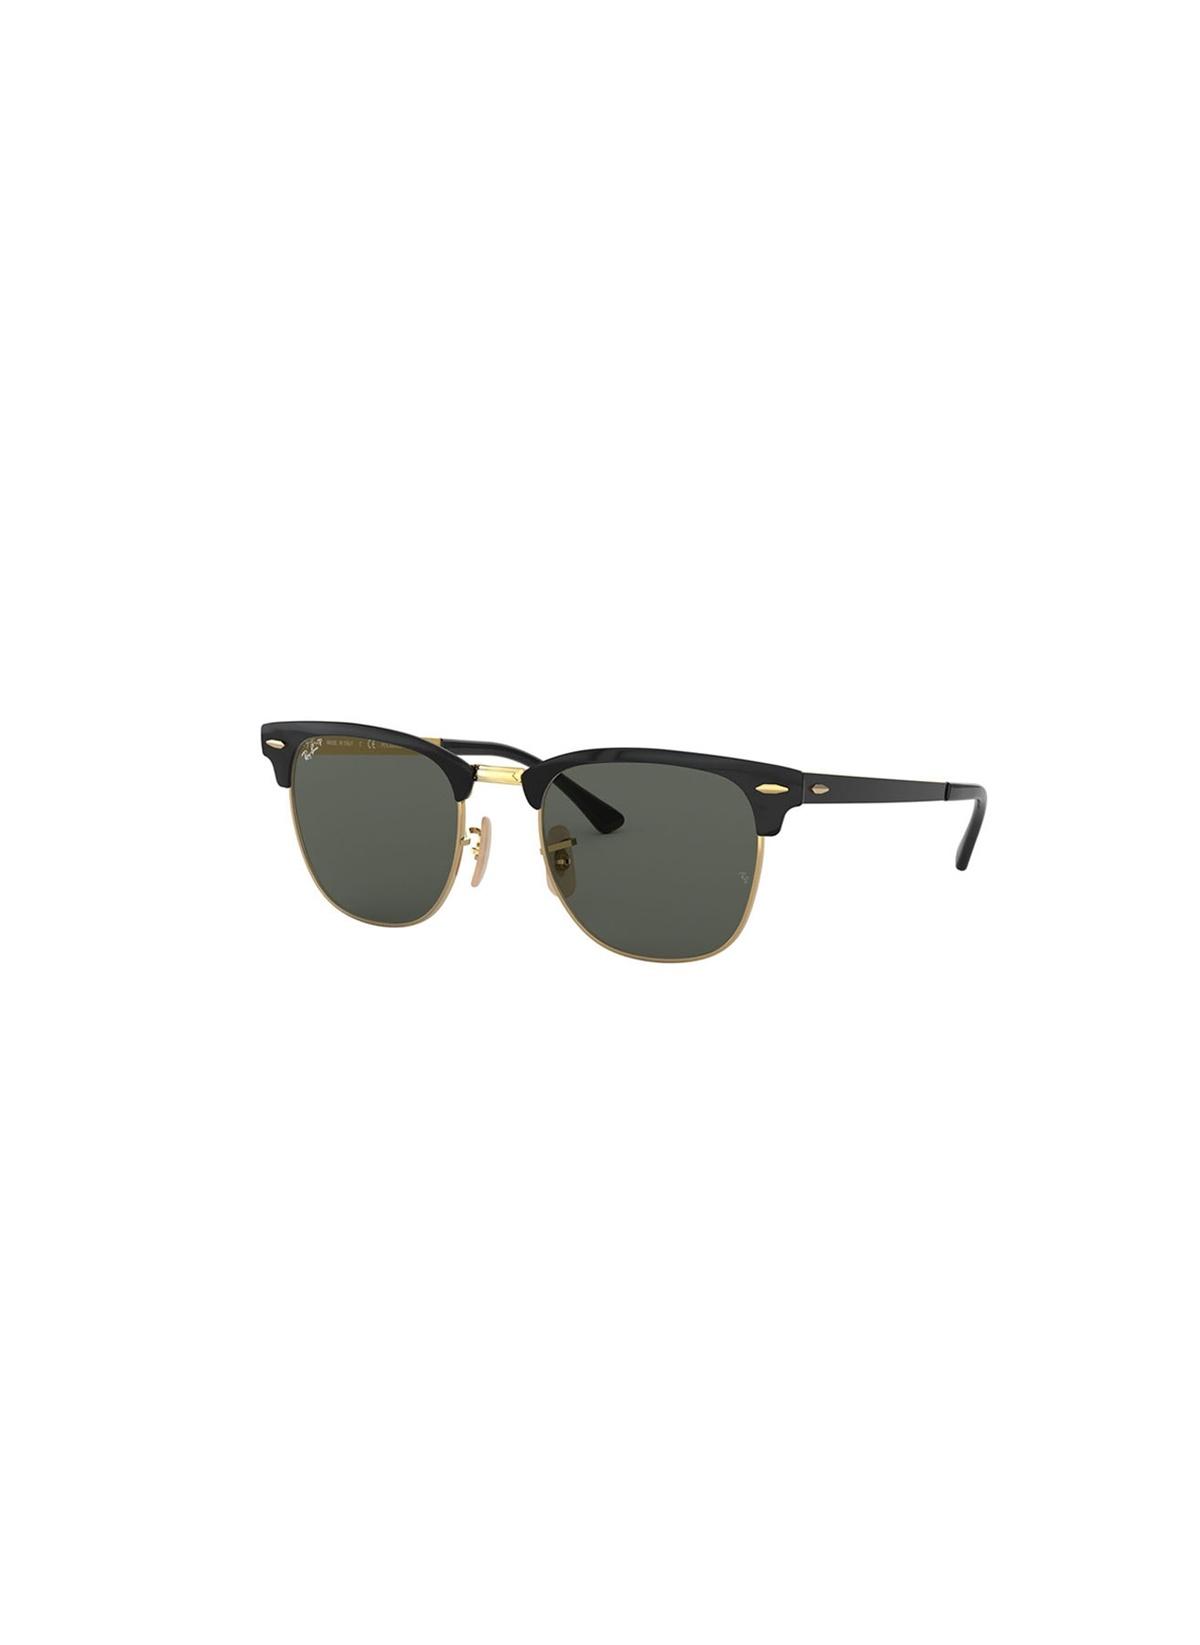 Ray-Ban Unisex Güneş Gözlüğü Renkli Standart Beden